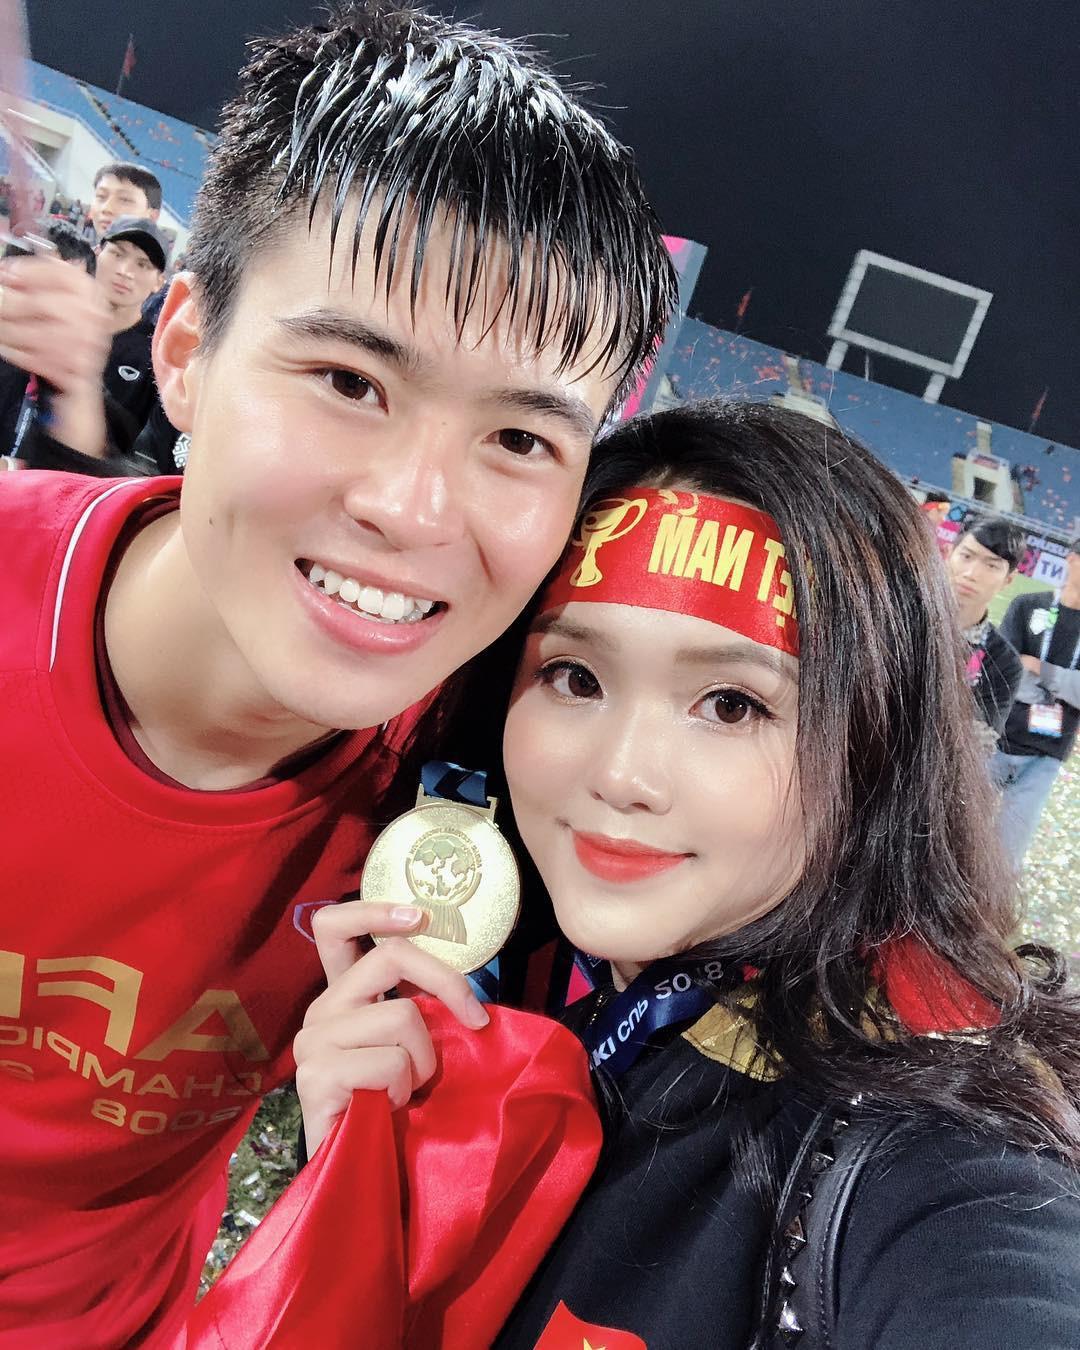 Tiếp bước bạn gái Quang Hải, người yêu Duy Mạnh cũng đang trở thành hot girl quảng cáo?-8